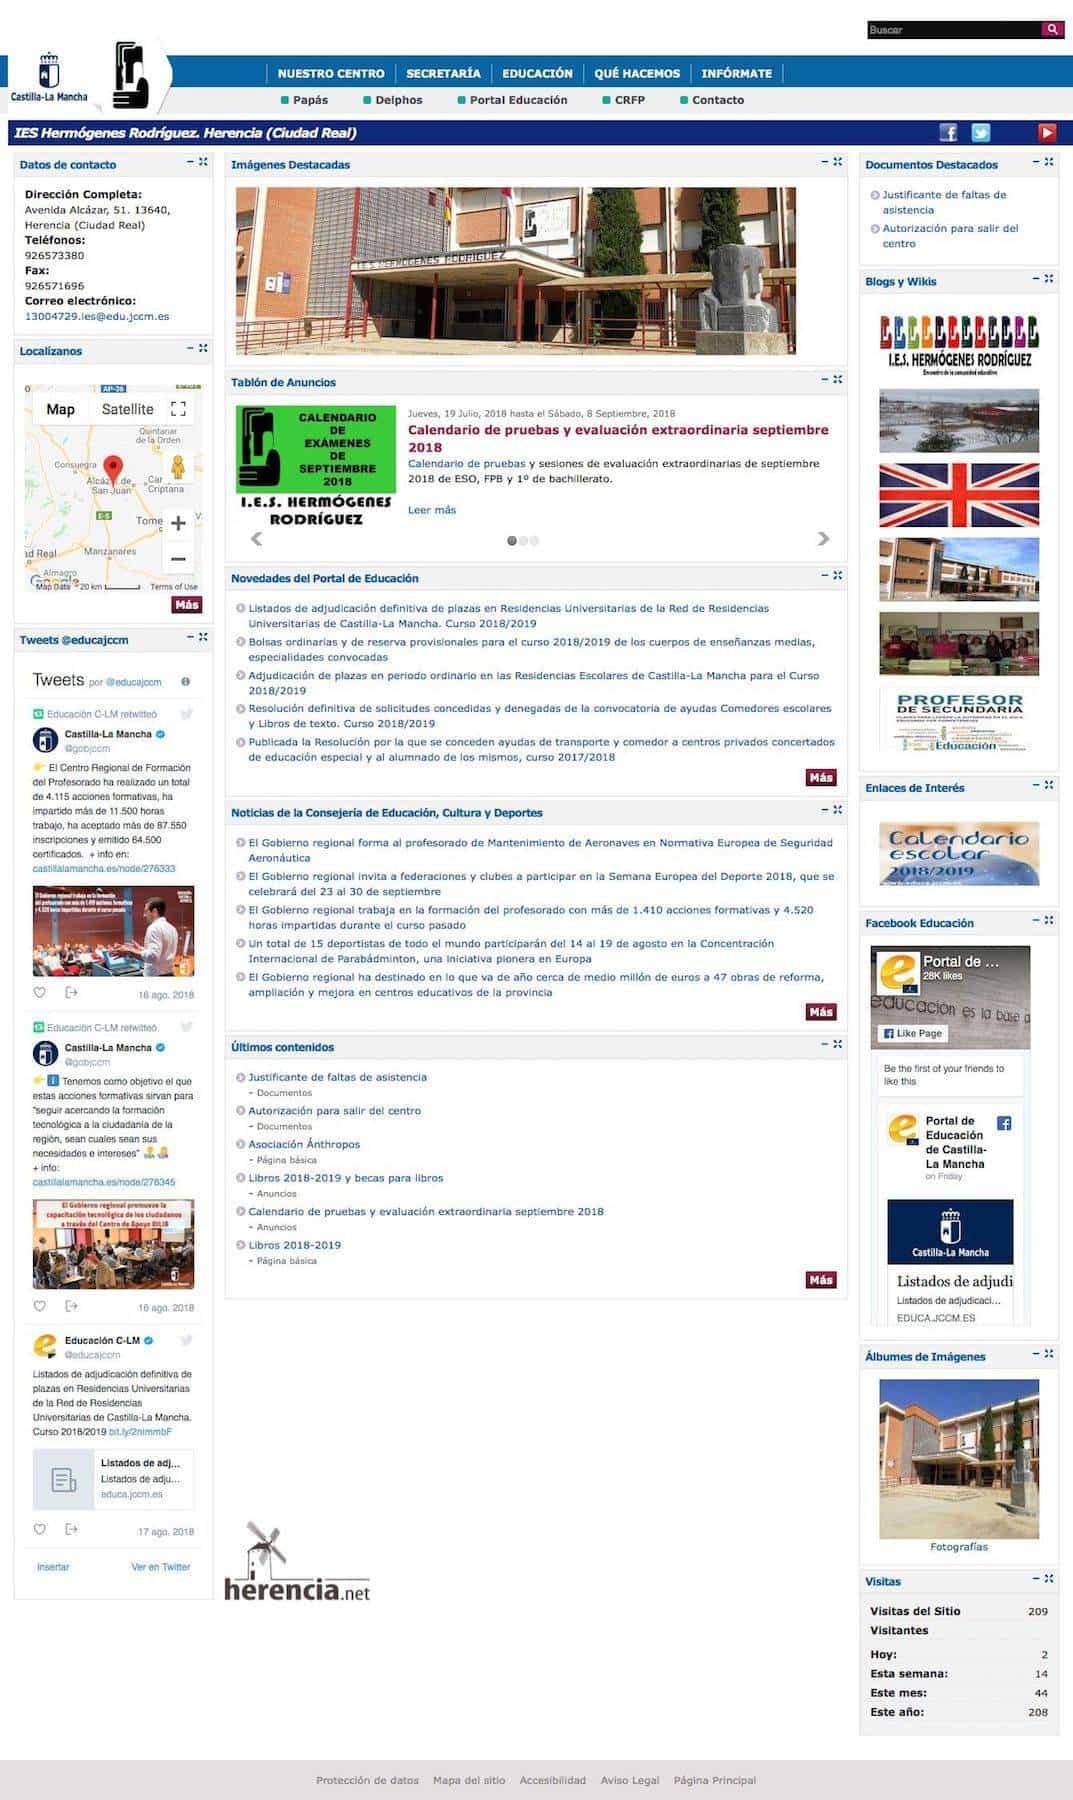 pagina web oficial ies hermogenes rodriguez herencia - IES Hermógenes Rodríguez ya tiene página web oficial